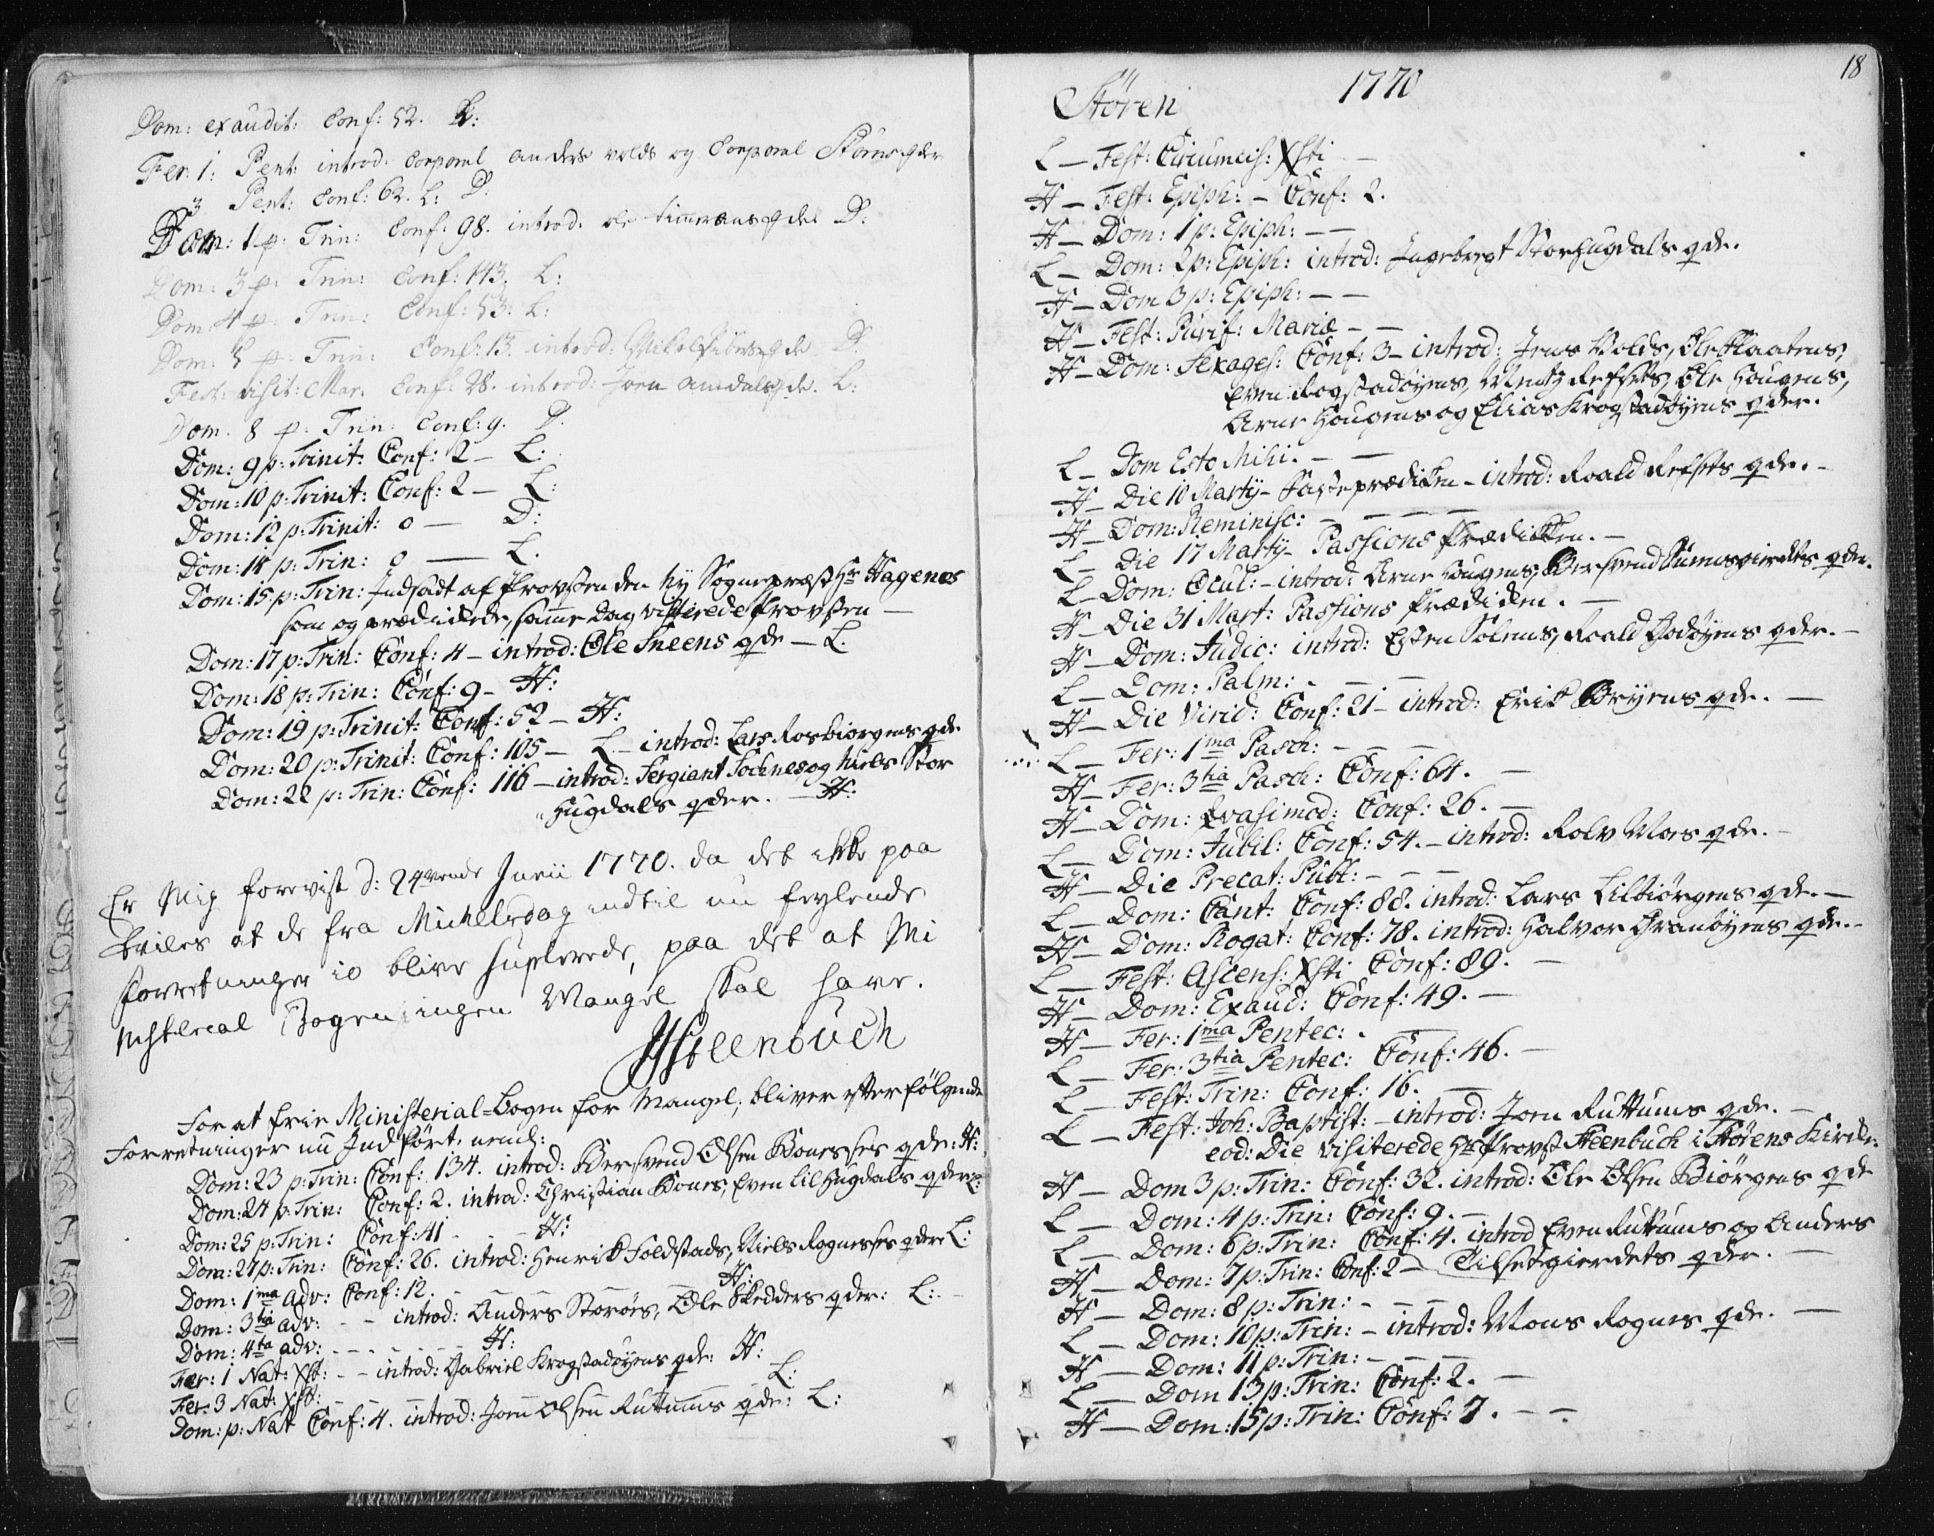 SAT, Ministerialprotokoller, klokkerbøker og fødselsregistre - Sør-Trøndelag, 687/L0991: Ministerialbok nr. 687A02, 1747-1790, s. 18